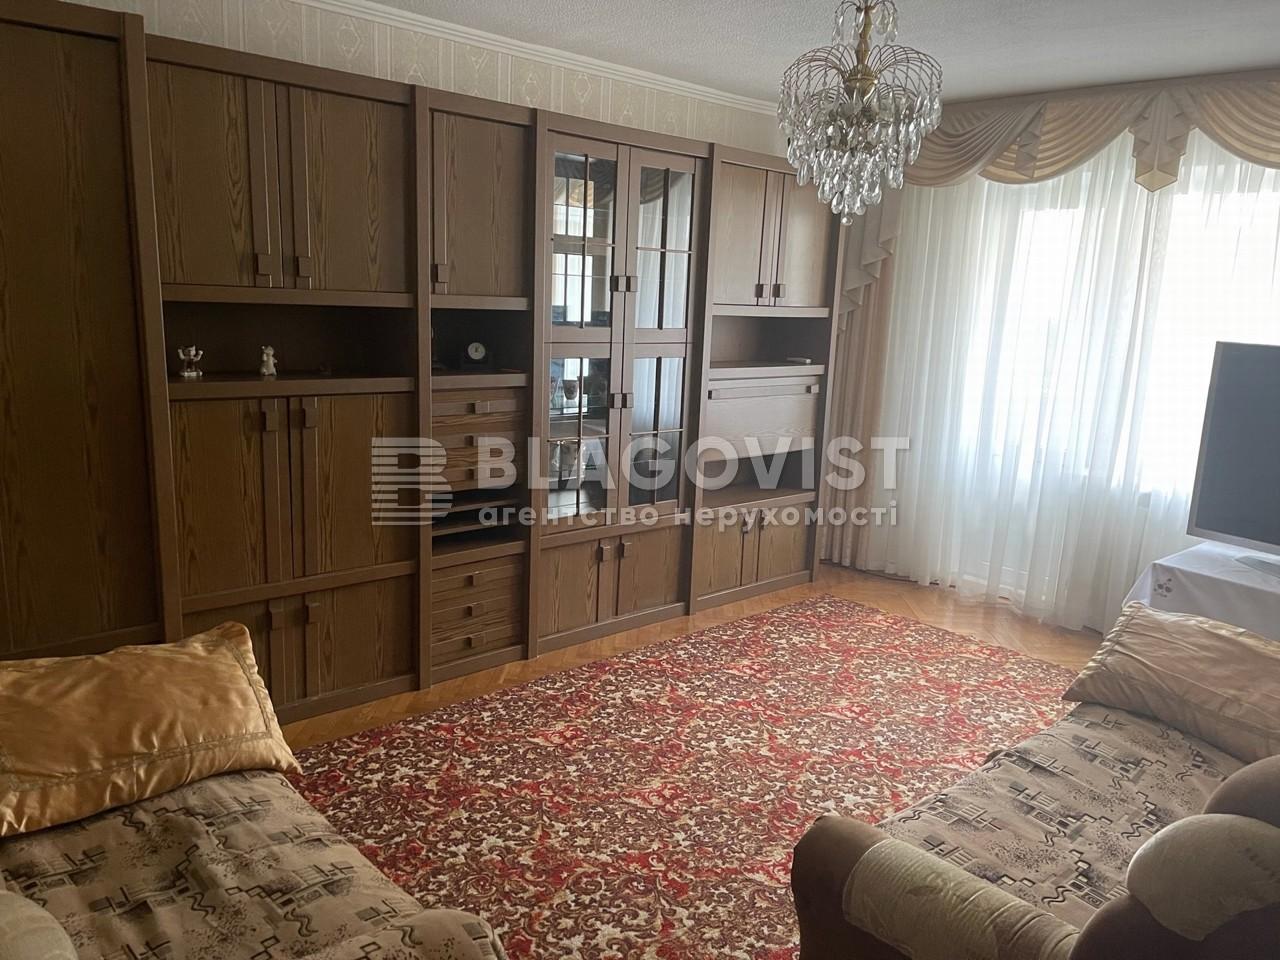 Квартира R-37882, Маяковского Владимира просп., 65, Киев - Фото 6